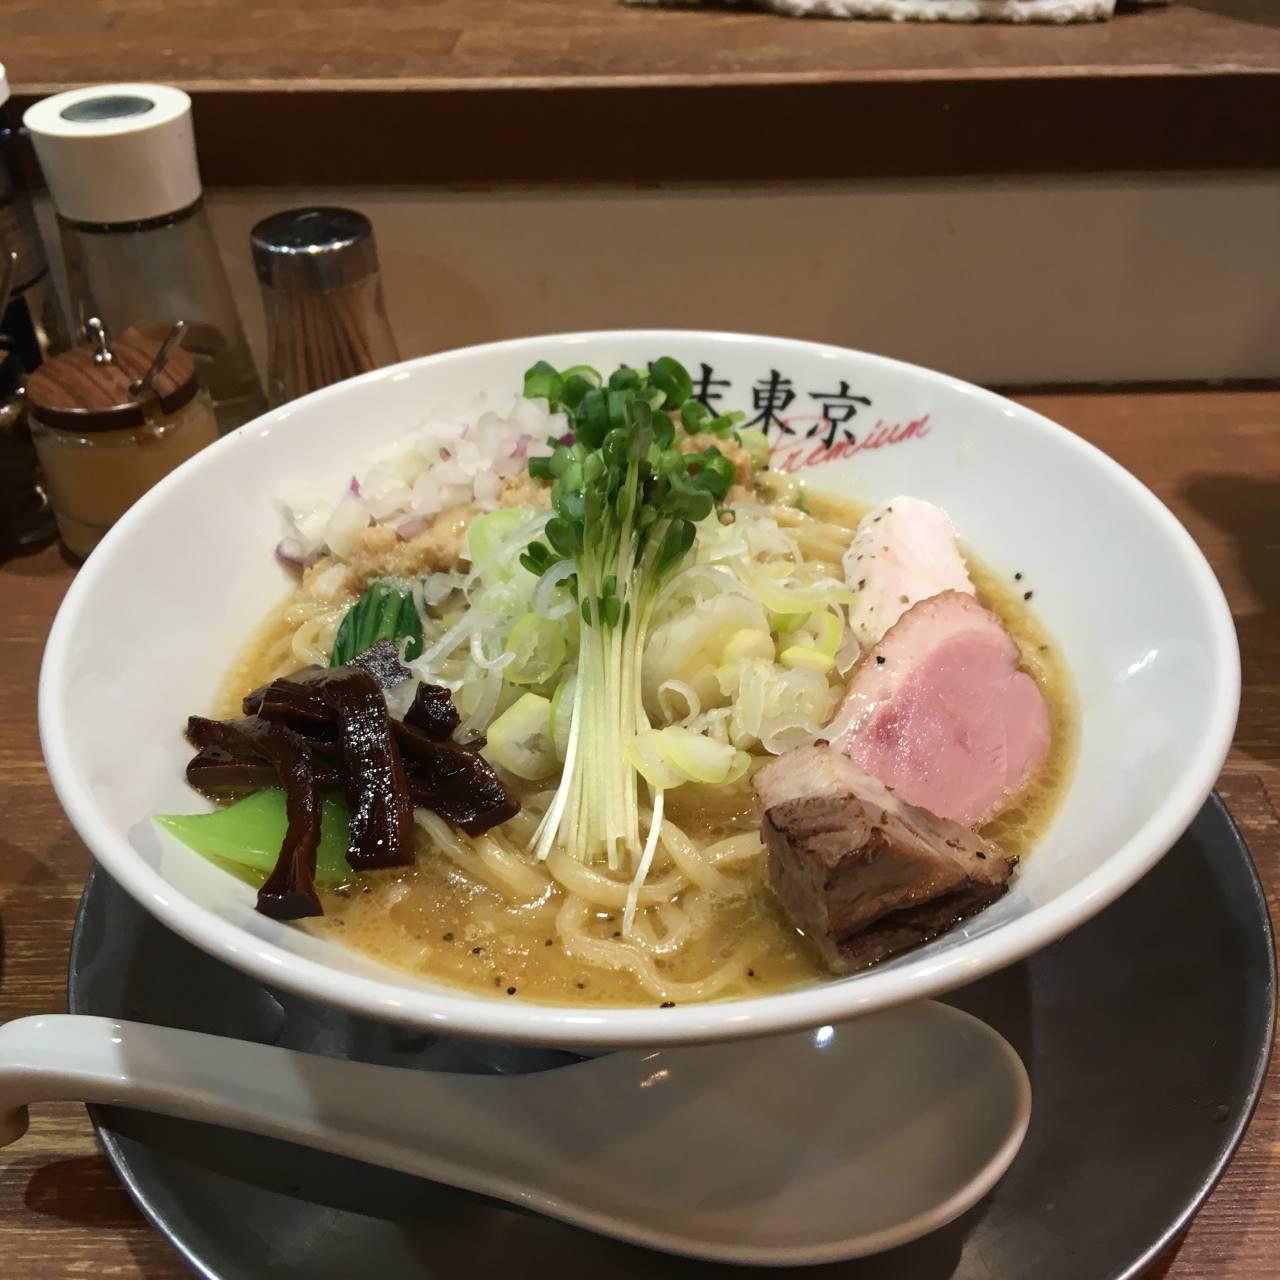 鶏ホタテそば 竹末東京プレミアム